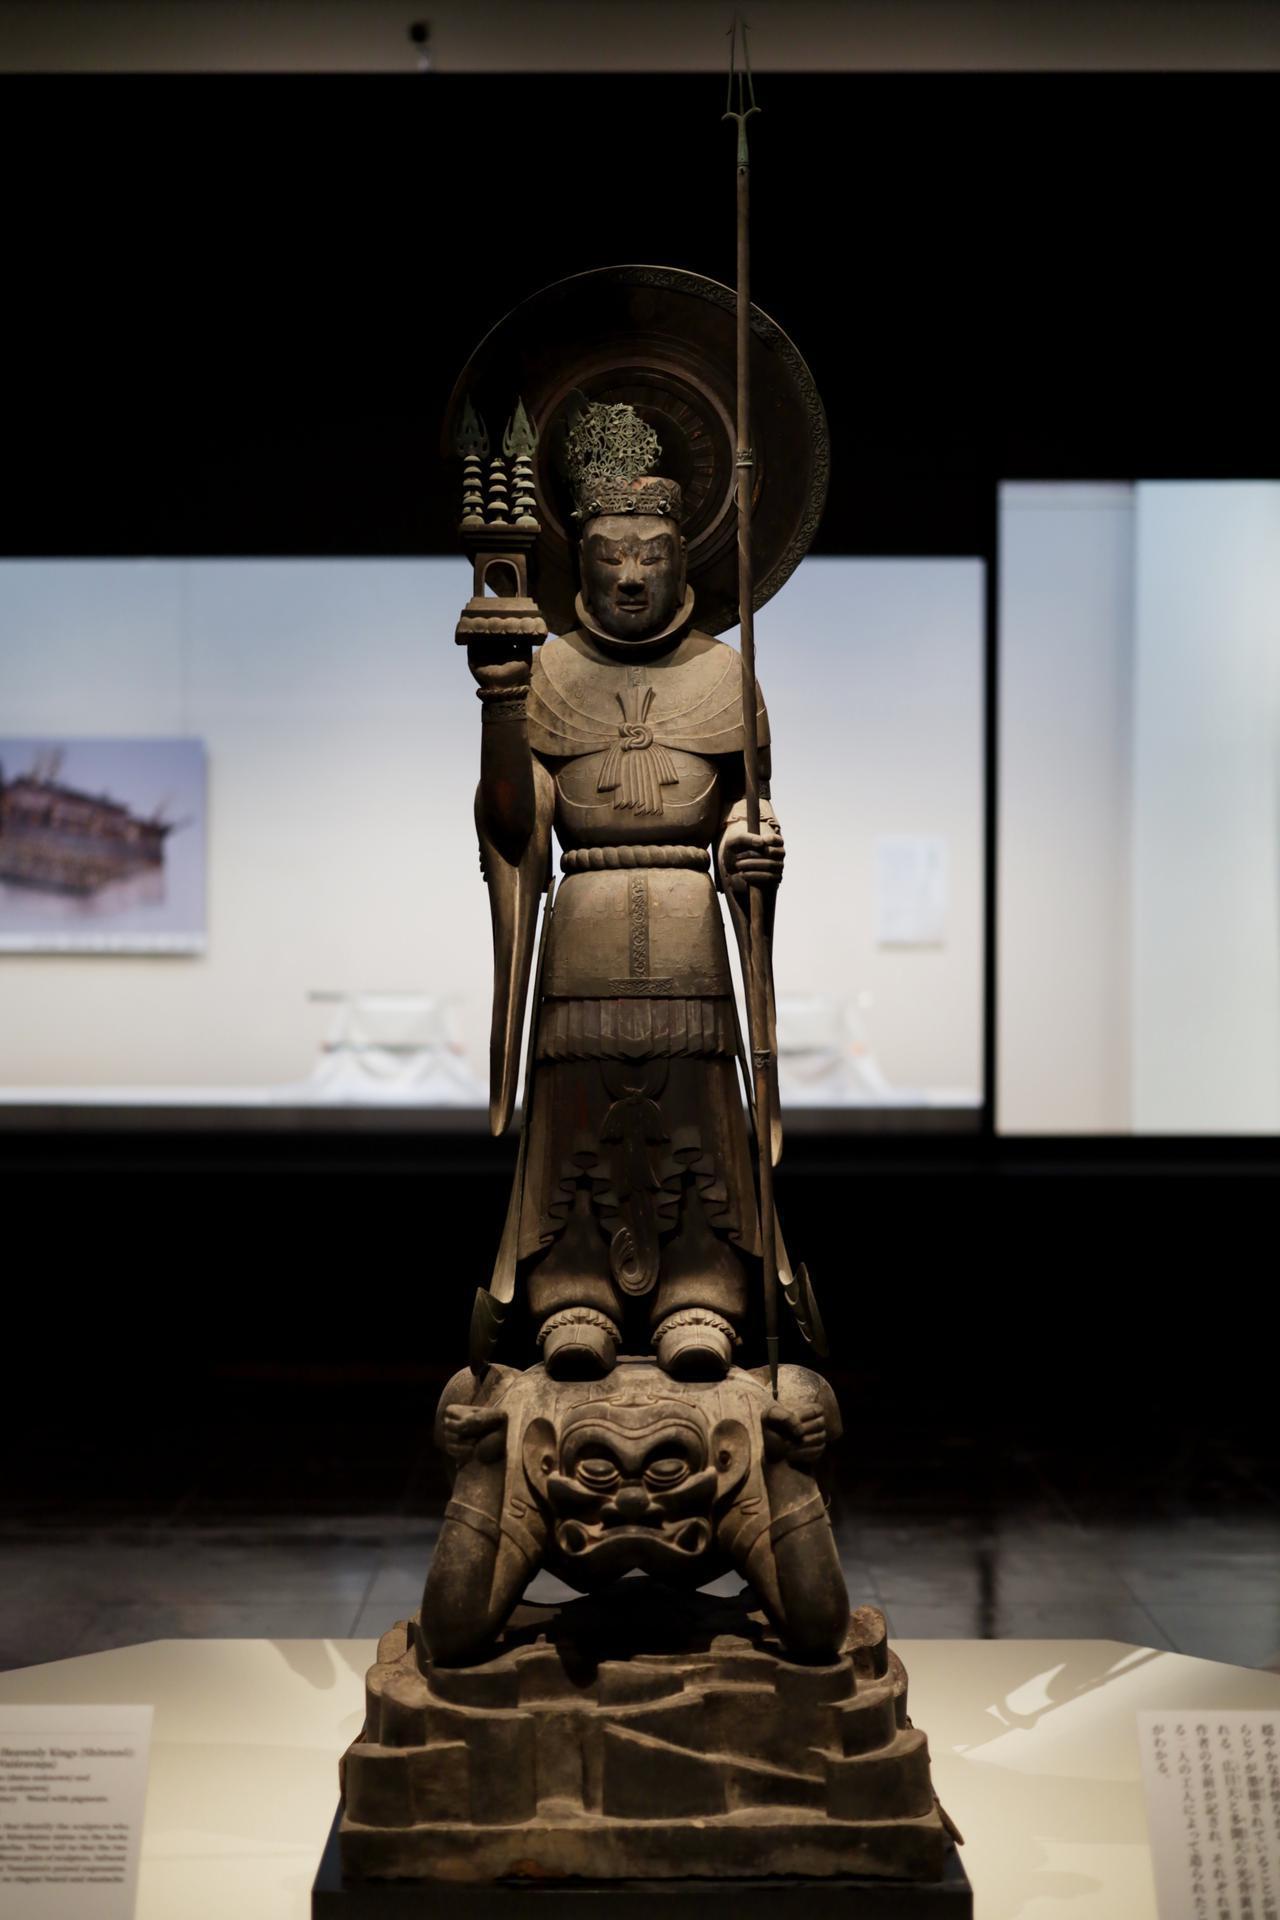 画像1: 四天王立像・多聞天 飛鳥時代7世紀 奈良・法隆寺(金堂安置) 国宝